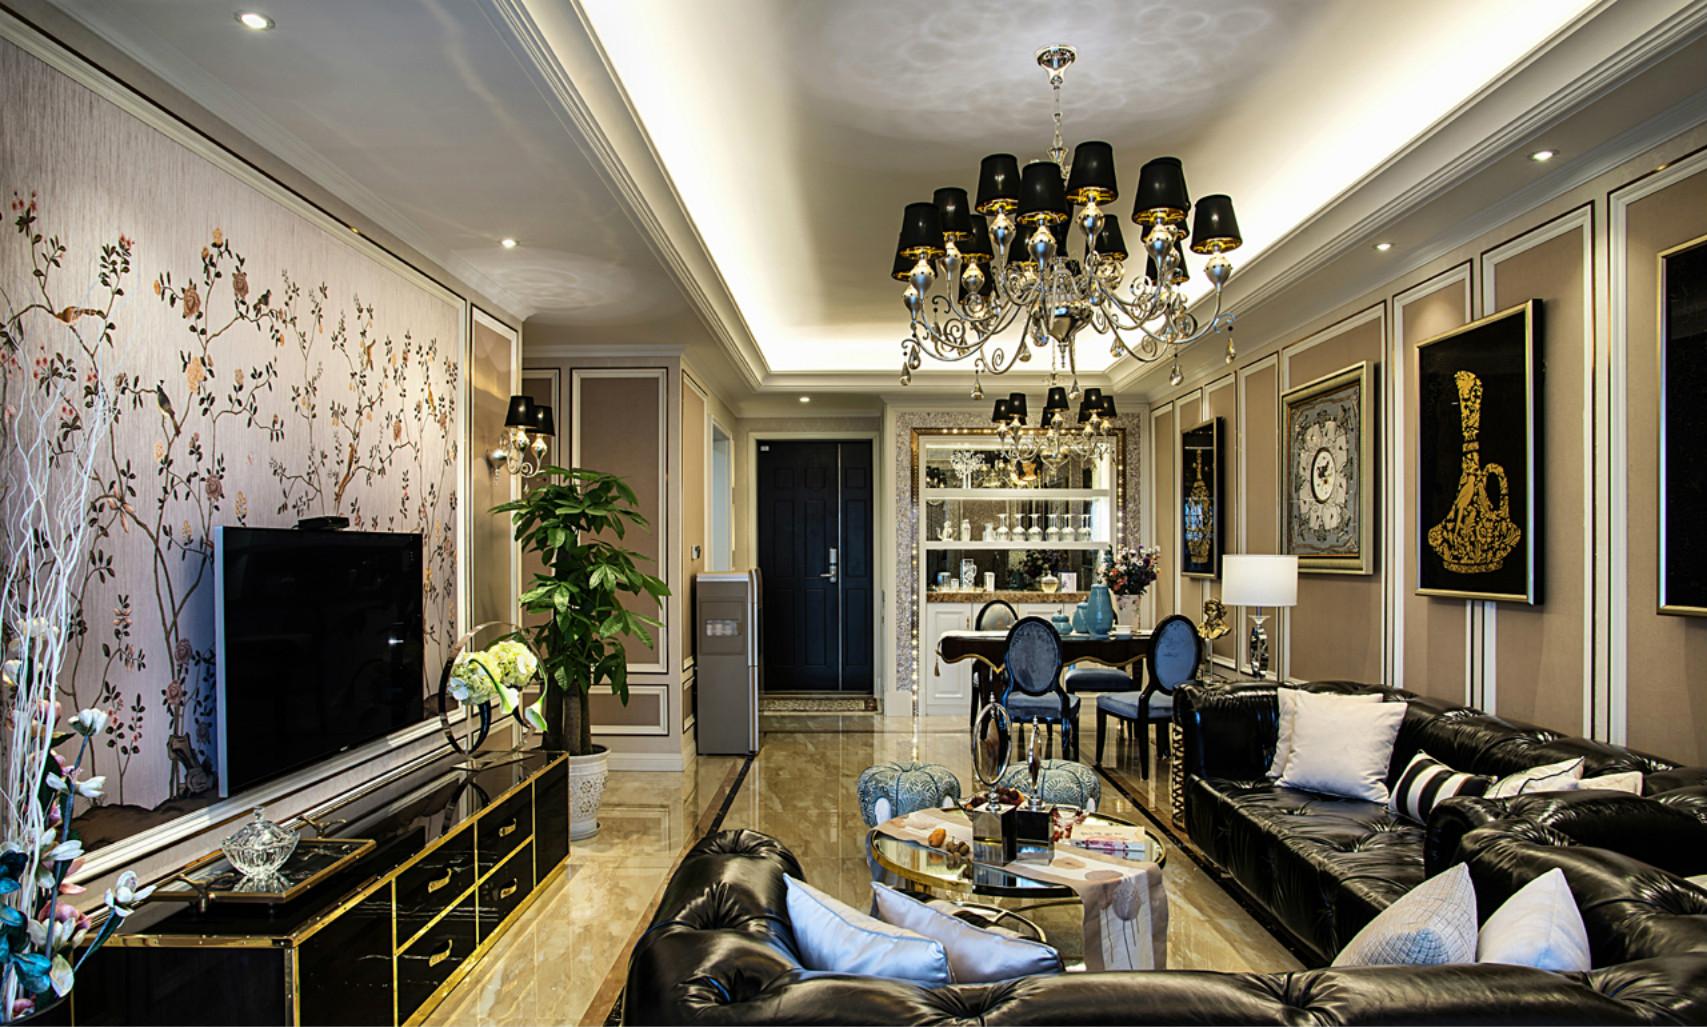 客厅使用黑色色的吊灯,黑色的台面,这种黑白配大胆又耐看